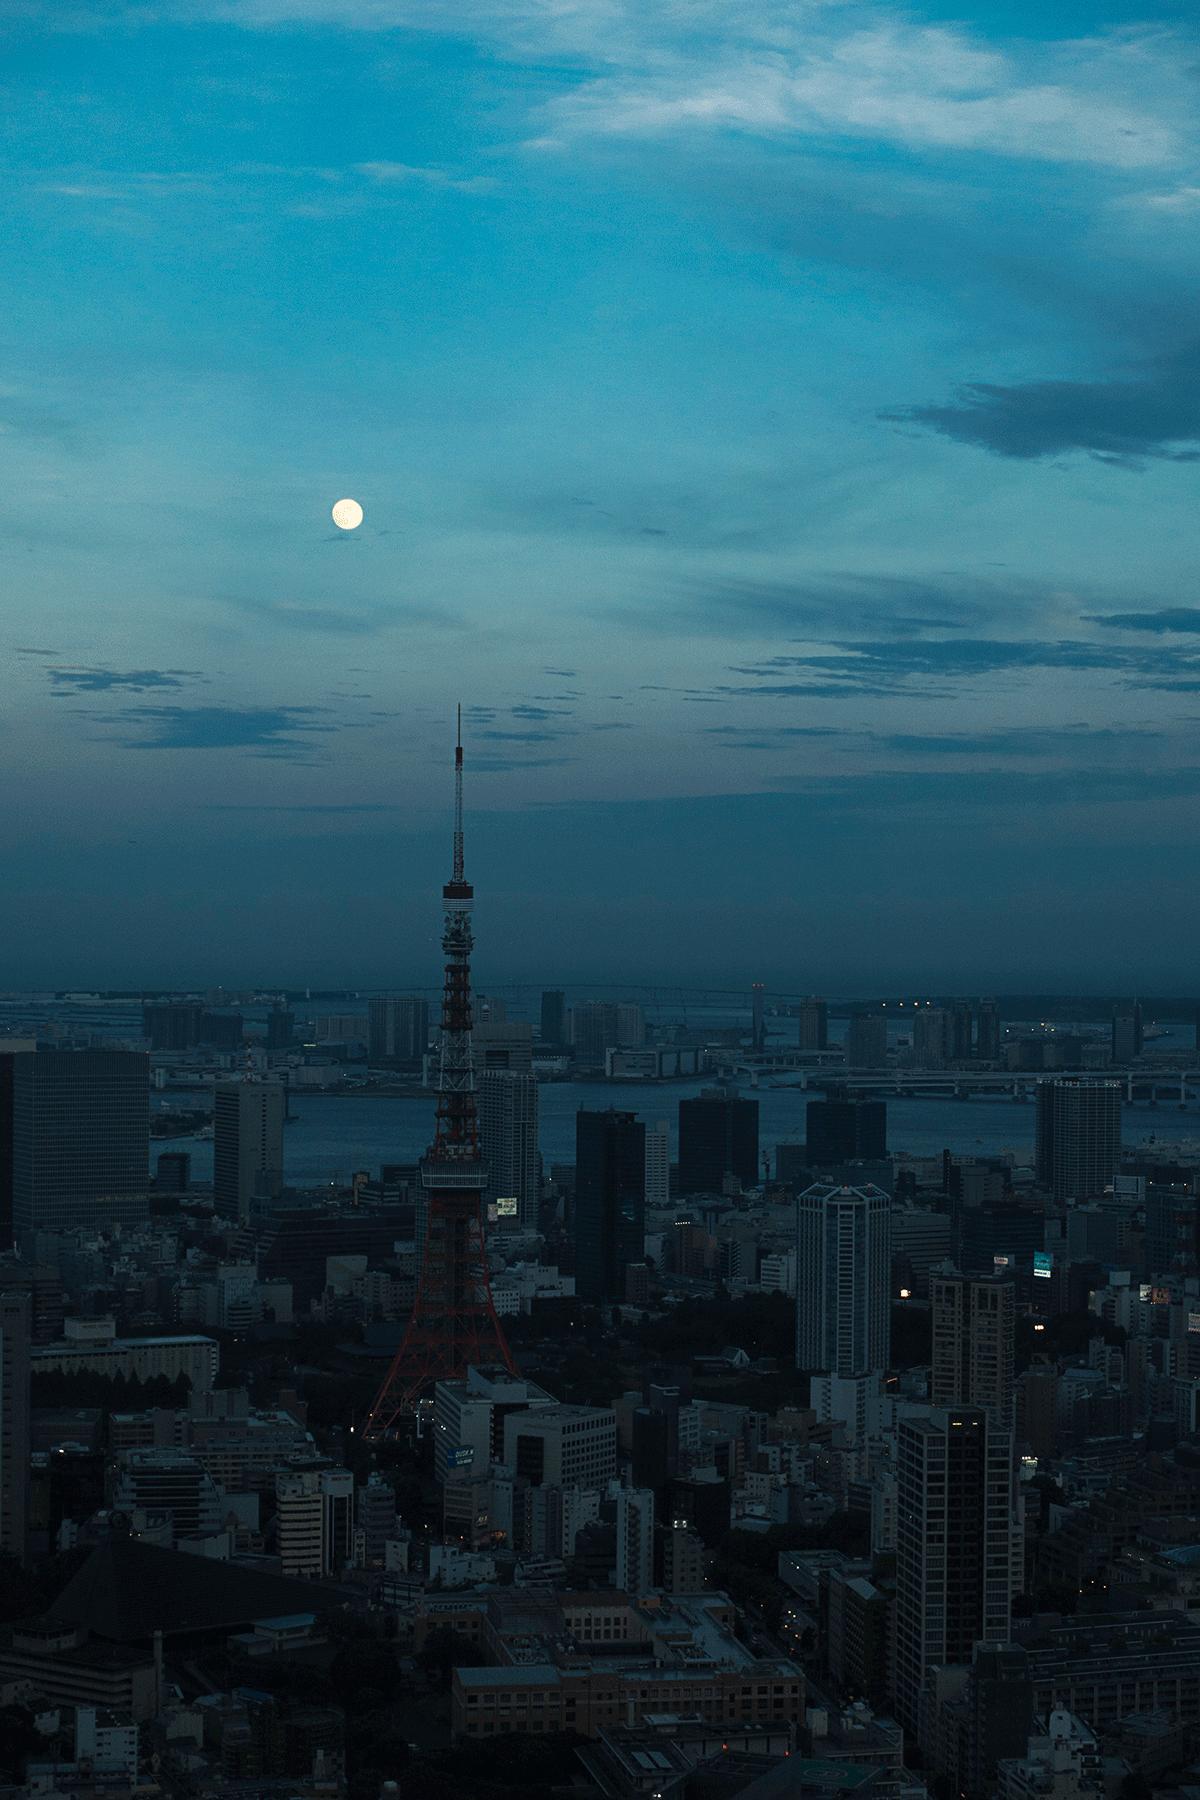 ザ・リッツ・カールトン東京からの東京タワー